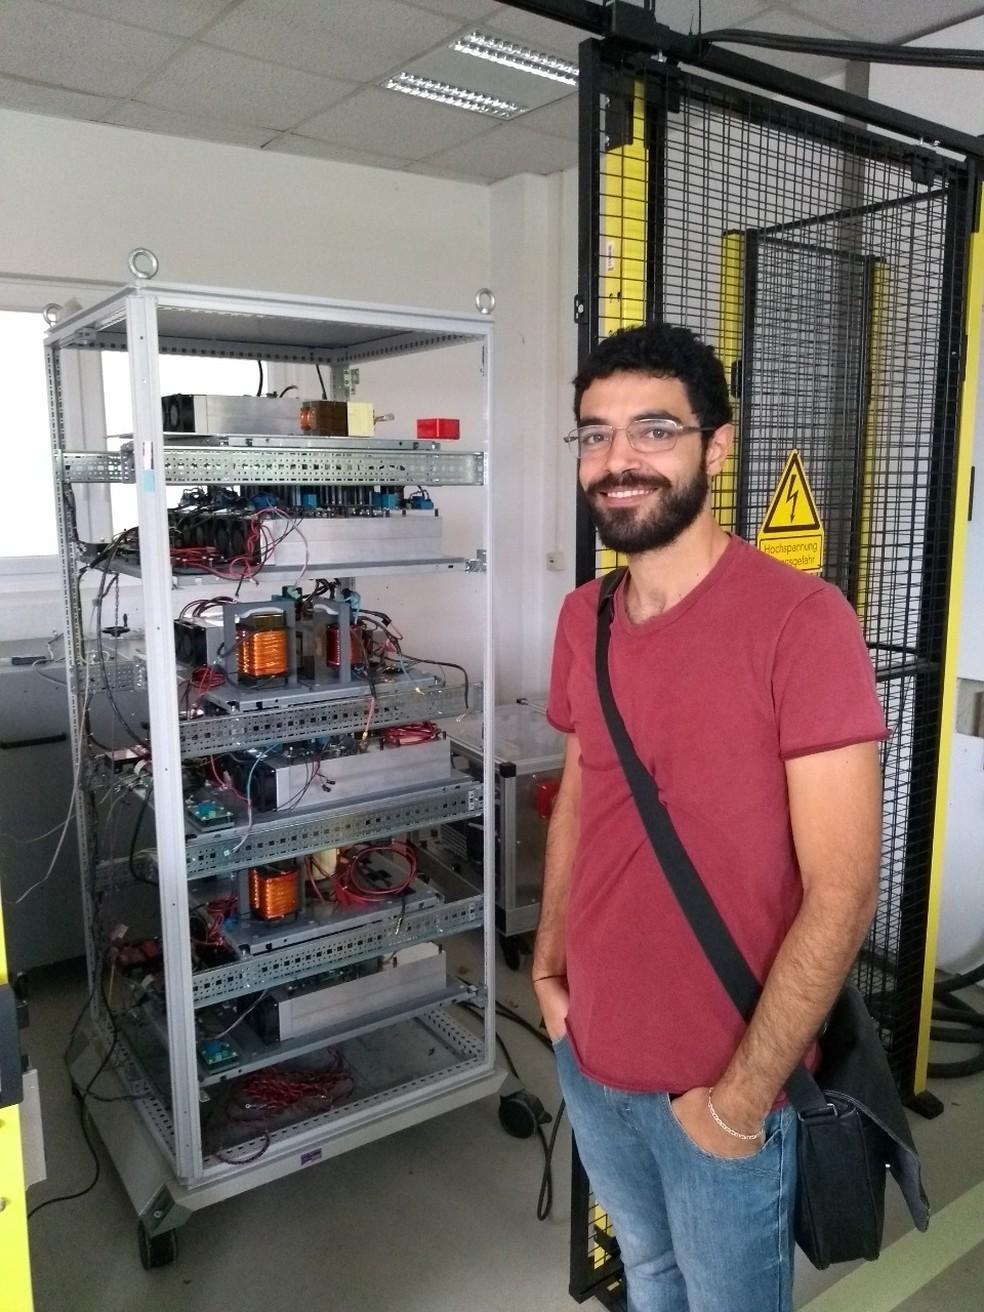 """Allan Cupertino, de 29 anos, ganhou como autor da """"melhor tese"""" sobre energia renovável. — Foto: Arquivo pessoal"""